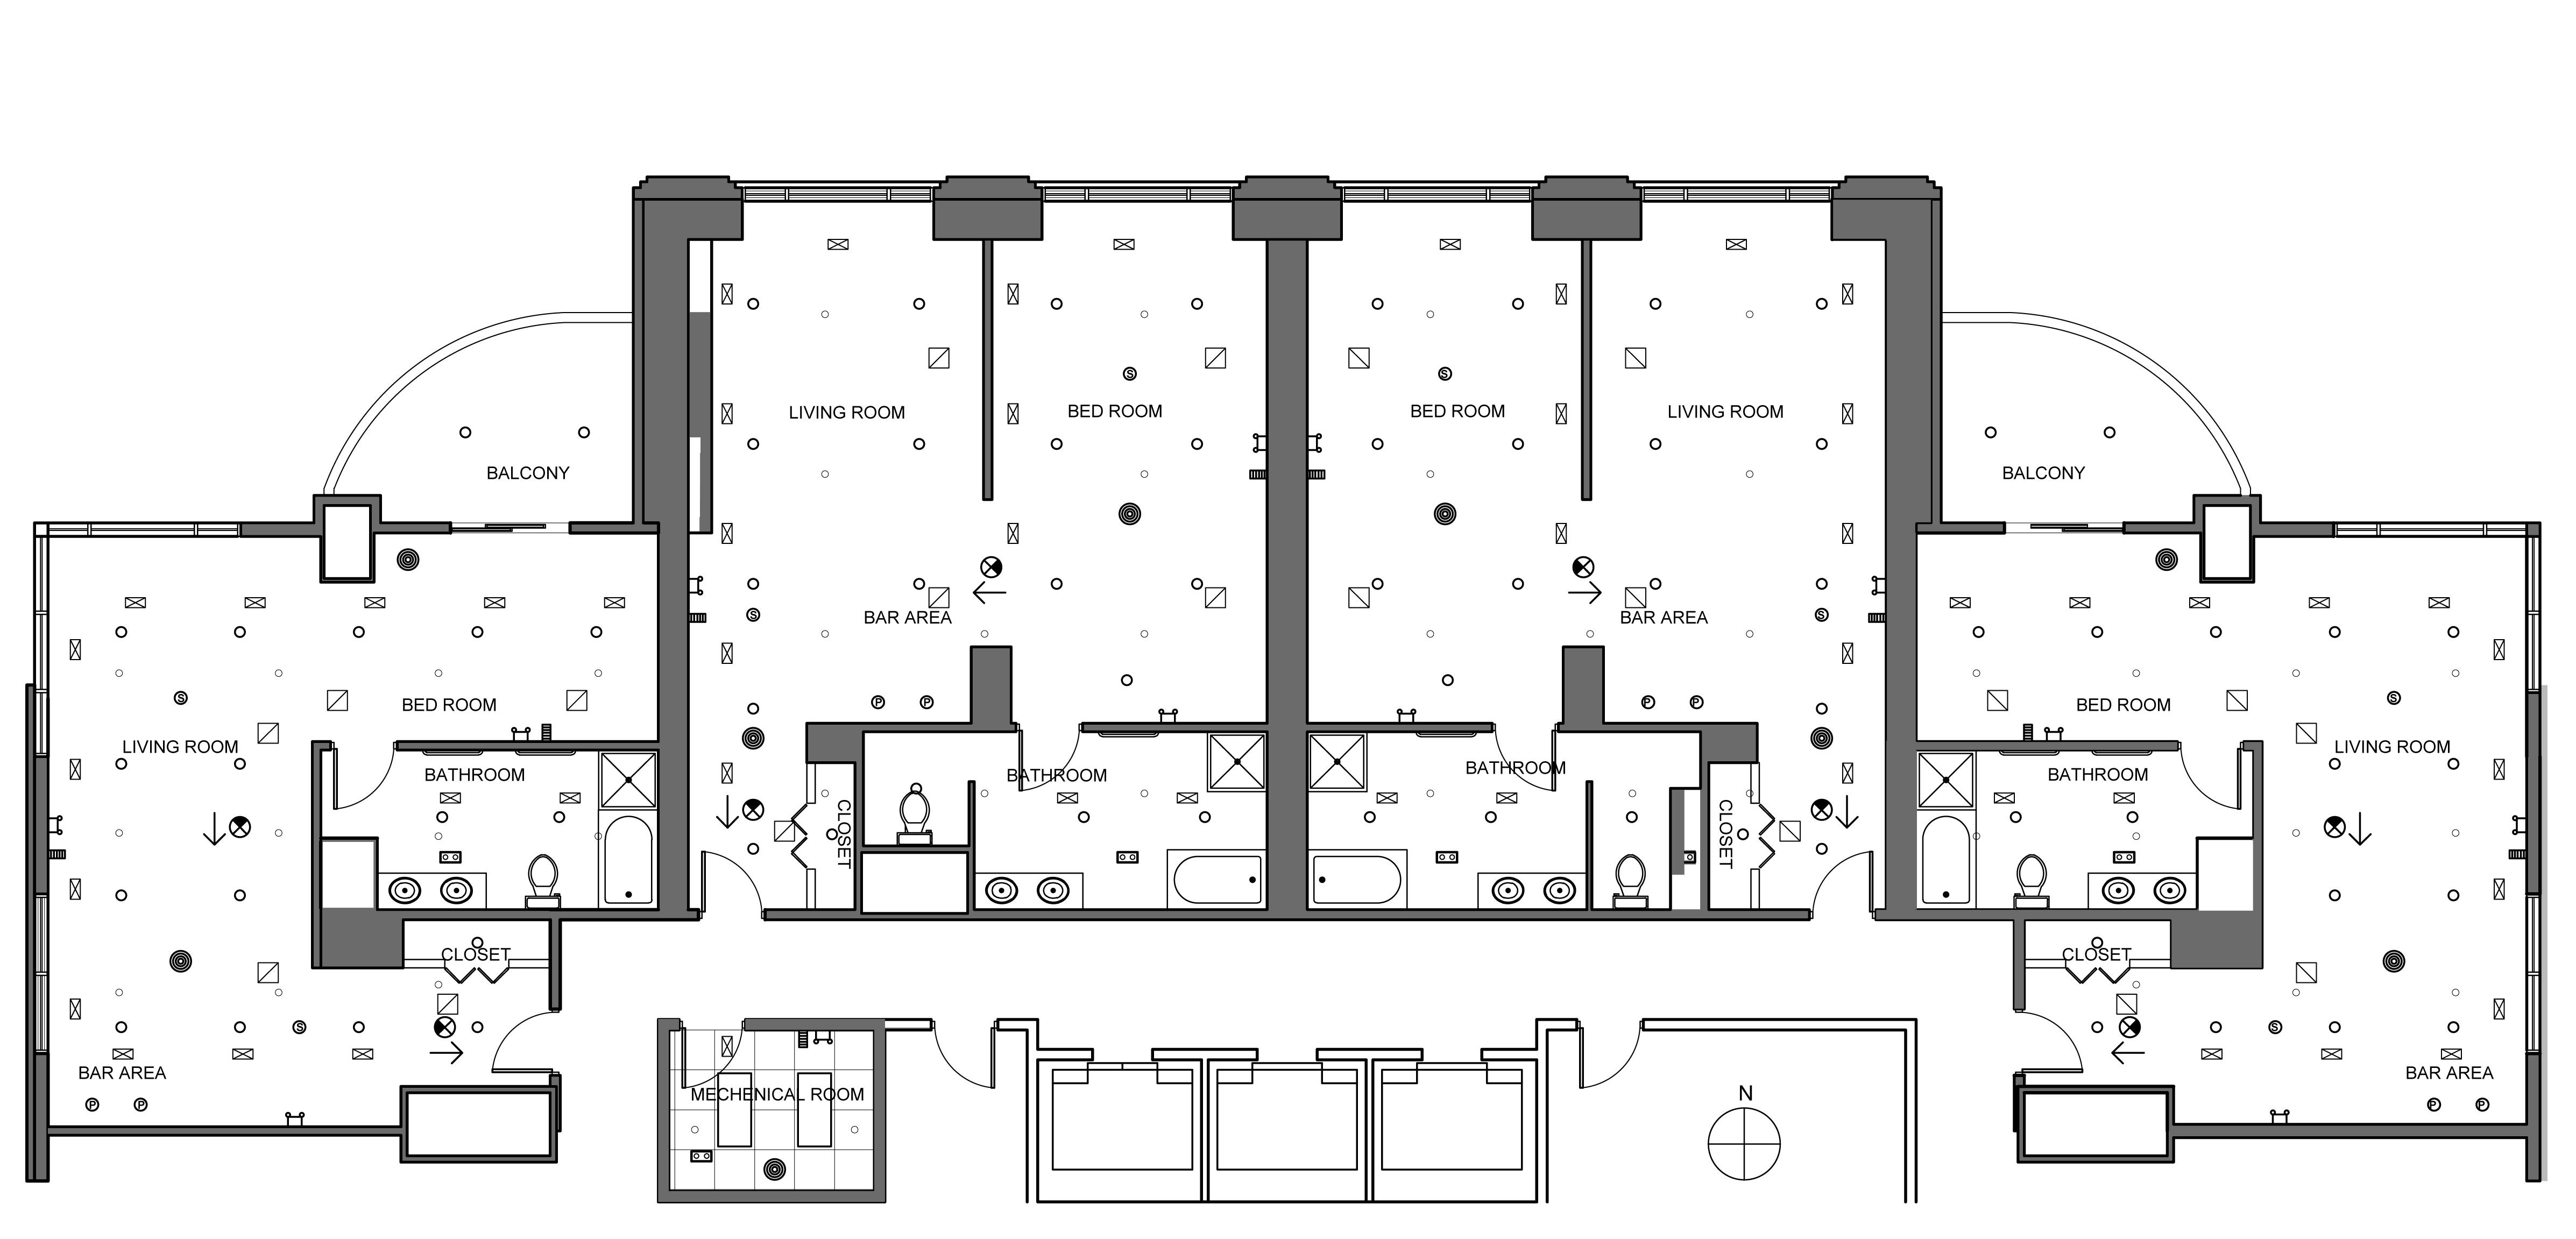 Hotel lobby floor plan - Hotel Suite Rcp